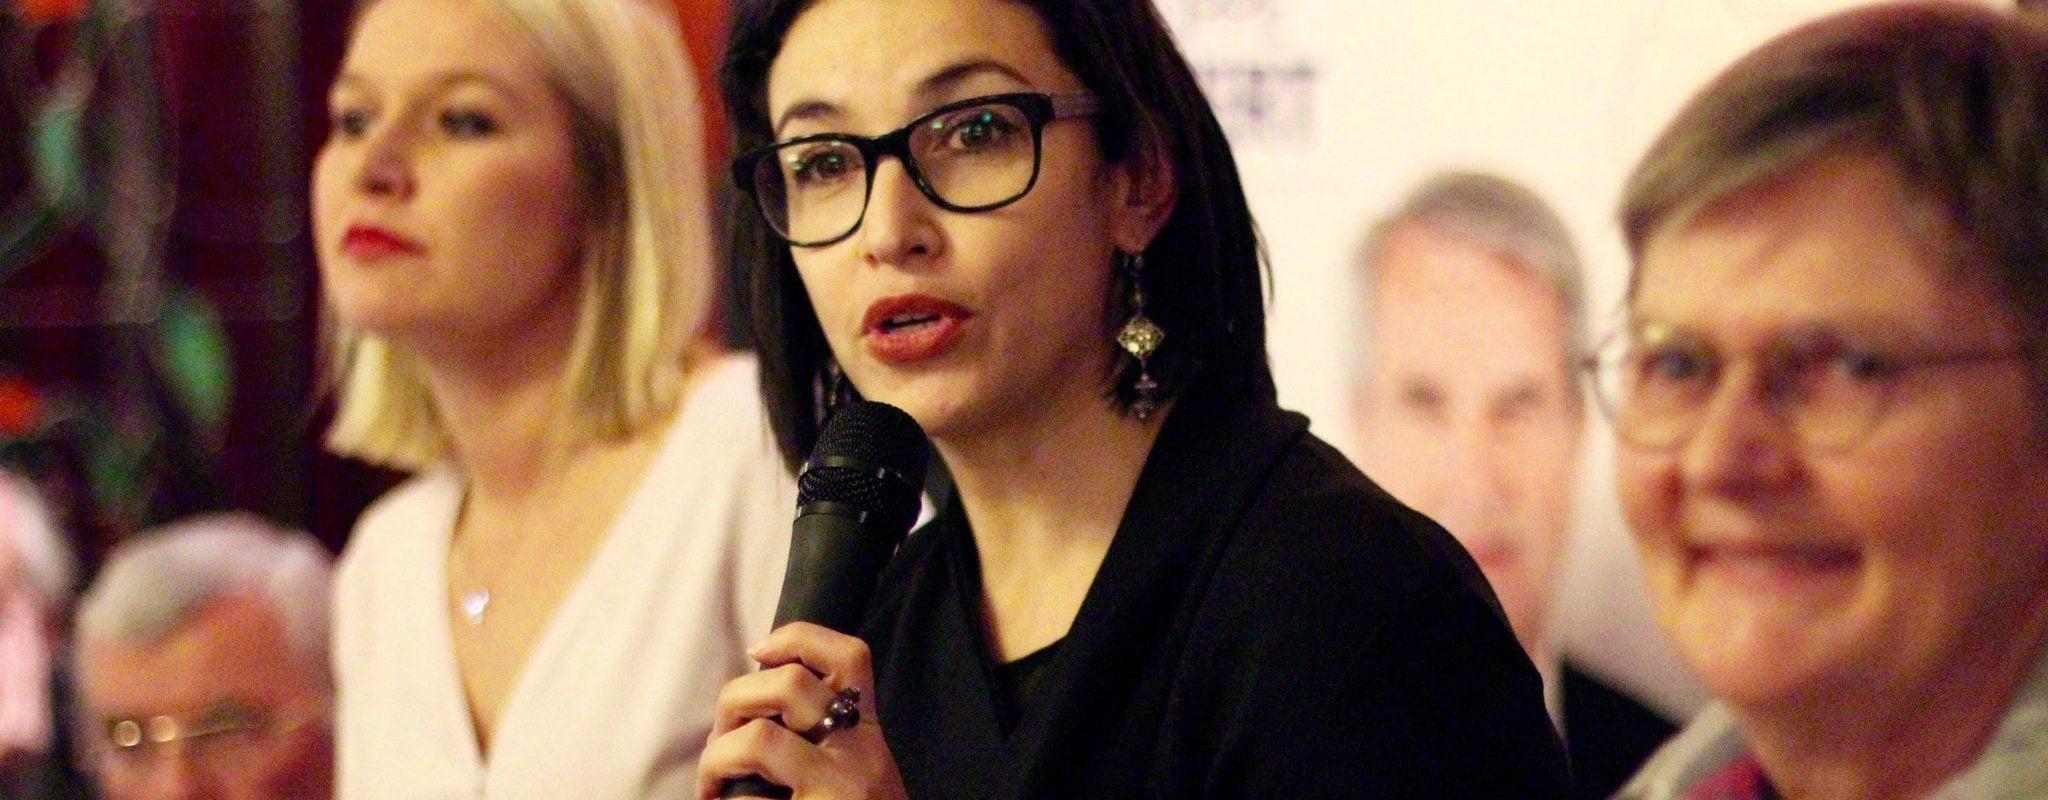 Lilla Merabet condamnée pour avoir manqué de transparence